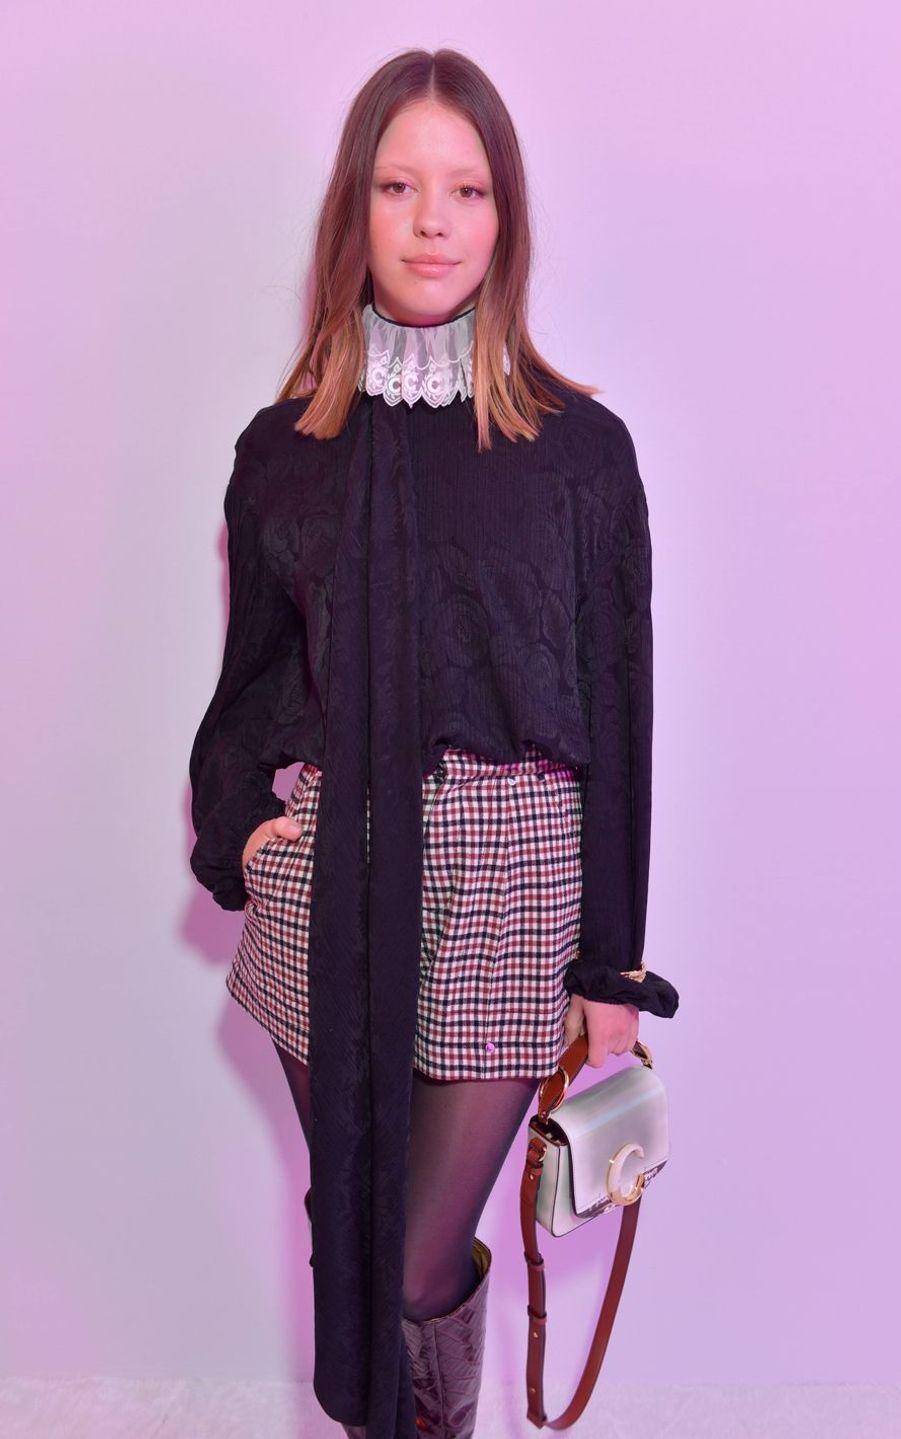 Mia Gothau défilé Chloé lors de la Fashion Week à Paris le 28 février 2019